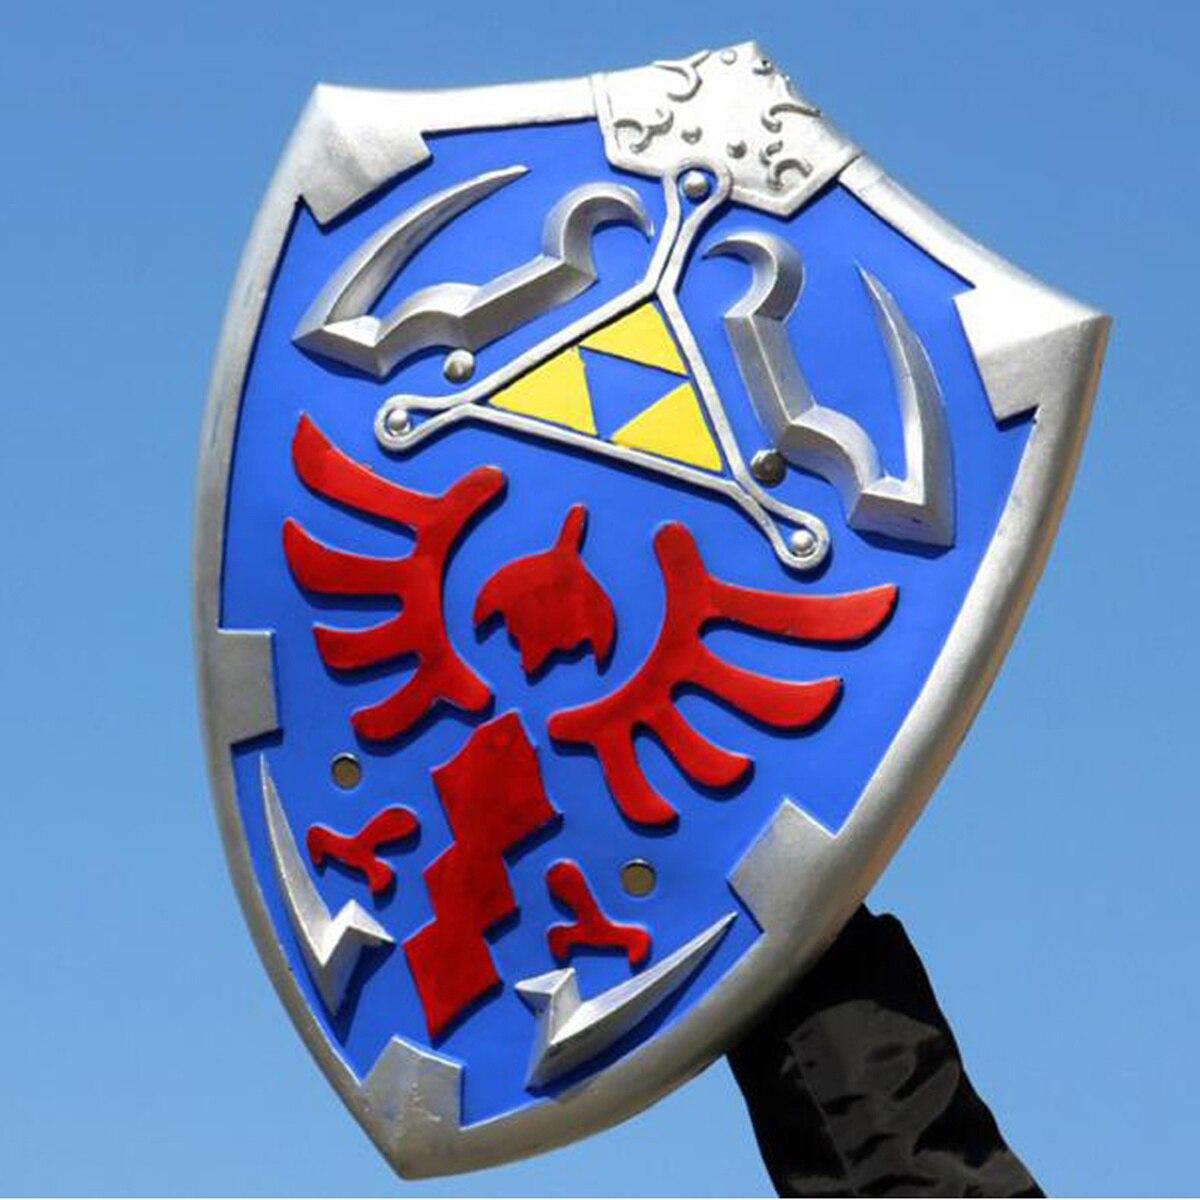 Halloween accesorios para Cosplay leyenda de Zelda Cosplay accesorios hacia el cielo escudo y espada enlace de seguridad arma espada juguetes para niños de regalo